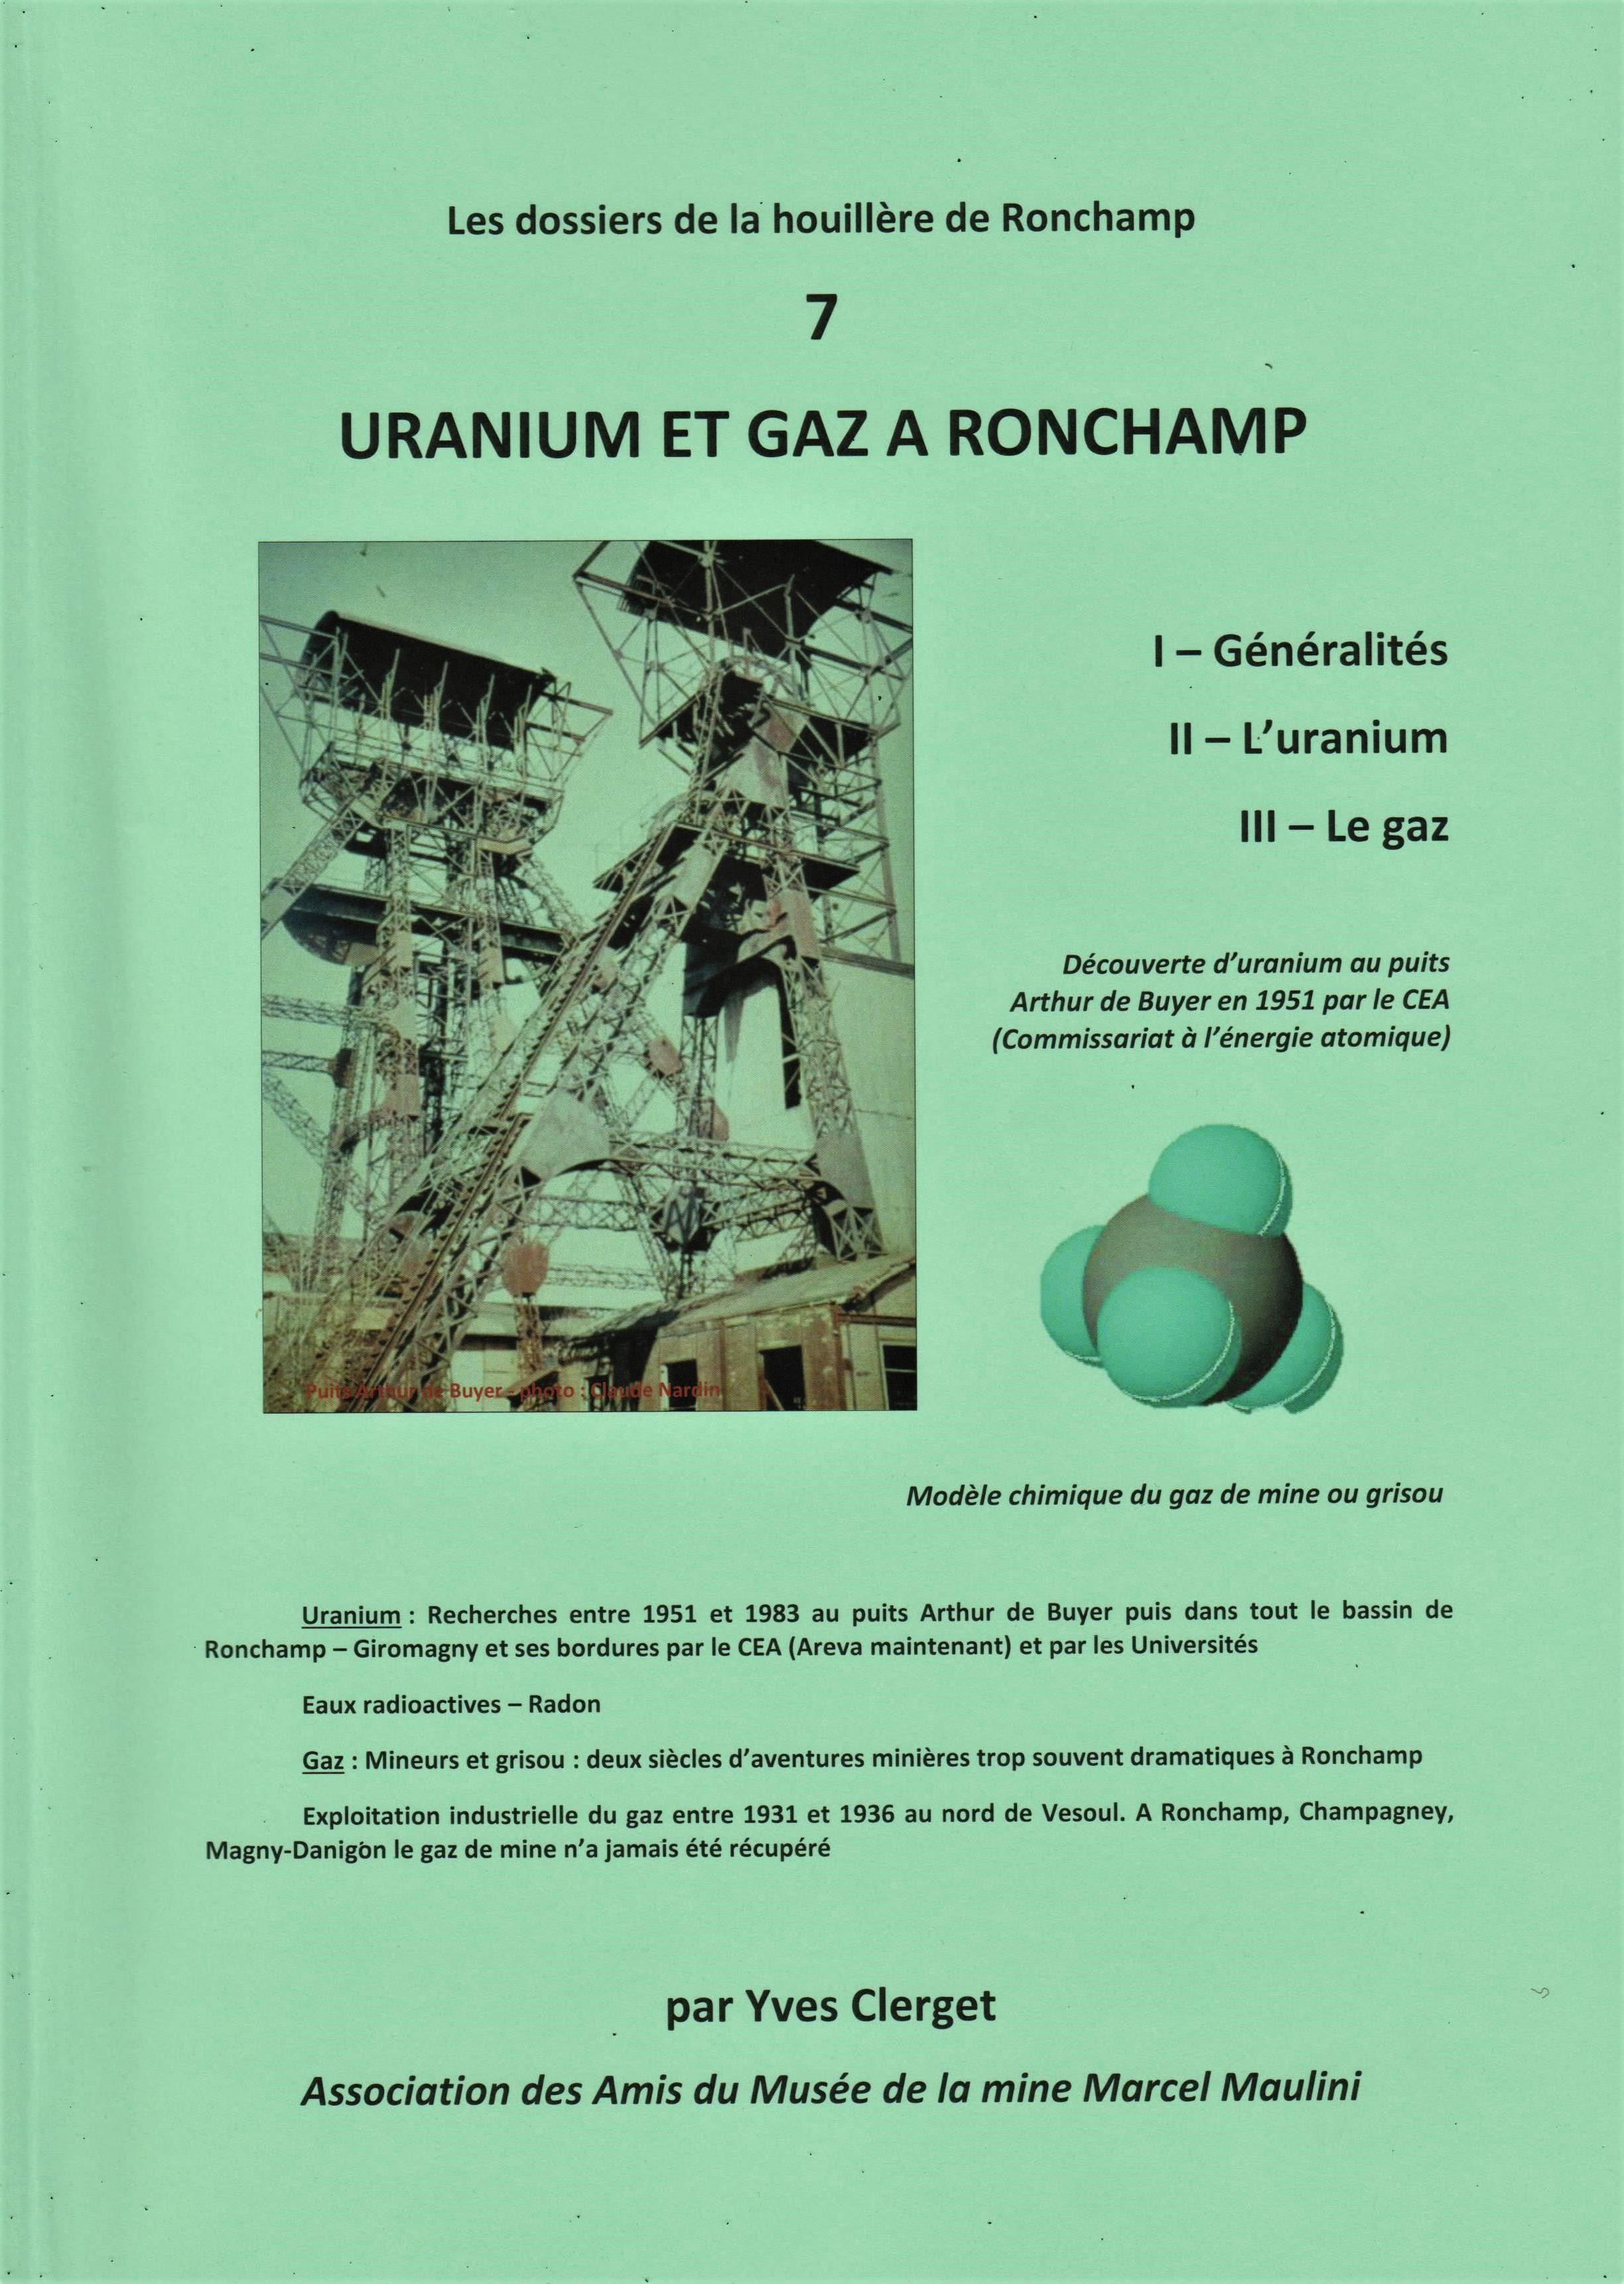 Uranium et gaz à Ronchamp